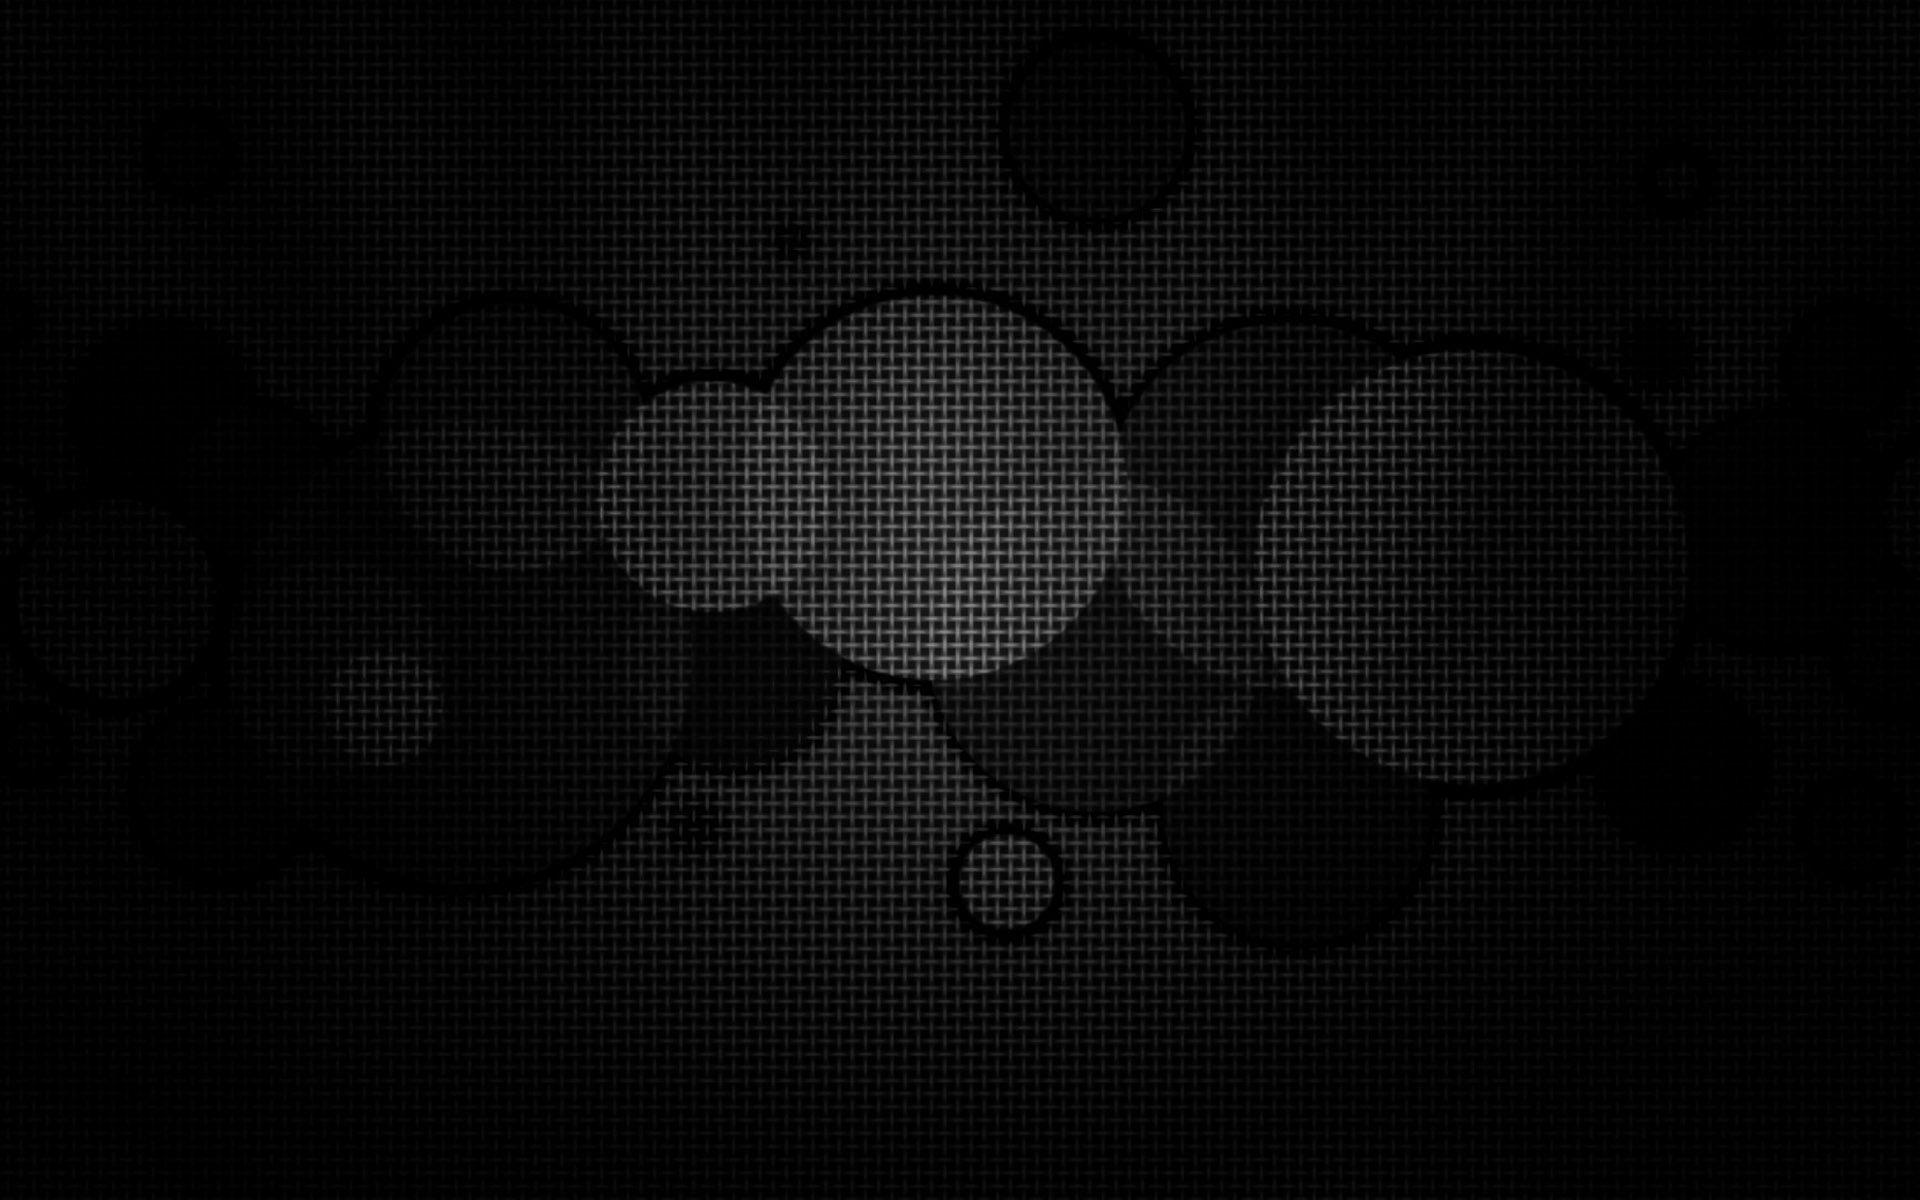 Hình nền màu đen cho máy tính